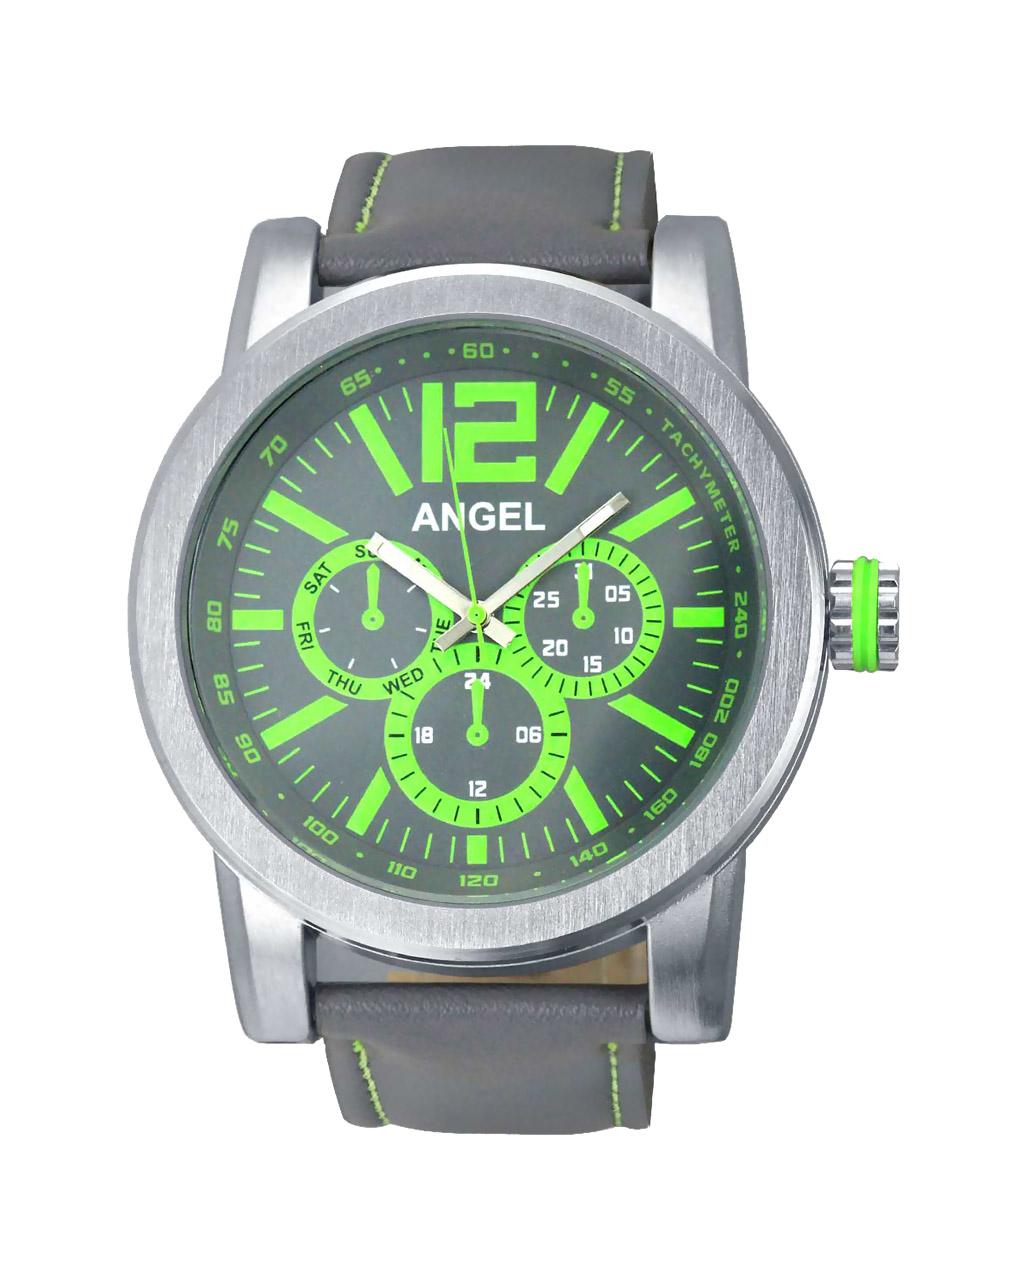 Ρολόι Angel New York AR219910GREY   προσφορεσ ρολόγια ρολόγια έως 100ε